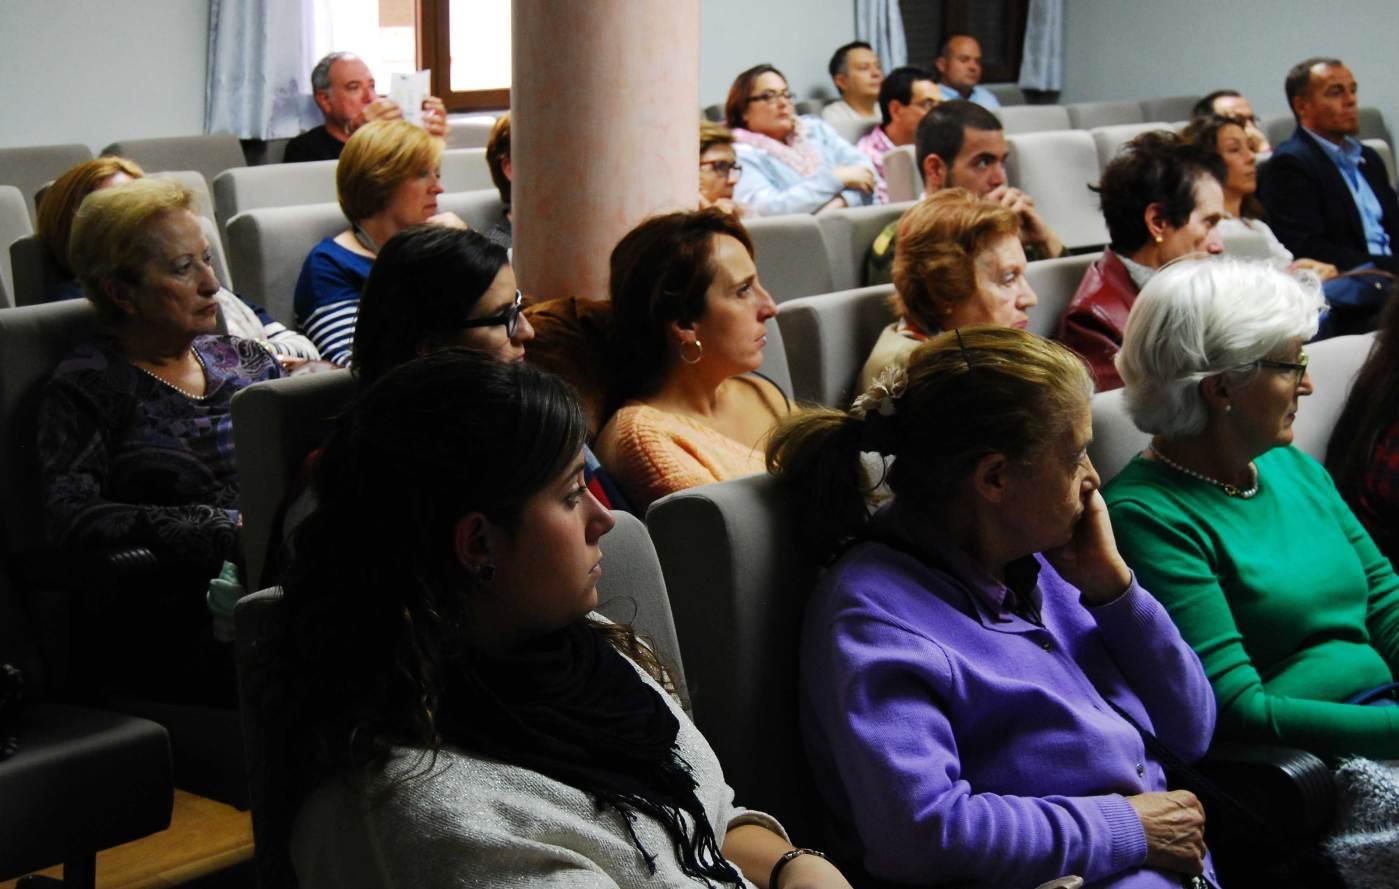 Las mujeres atienden la charla sobre crisis económica y política sanitaria